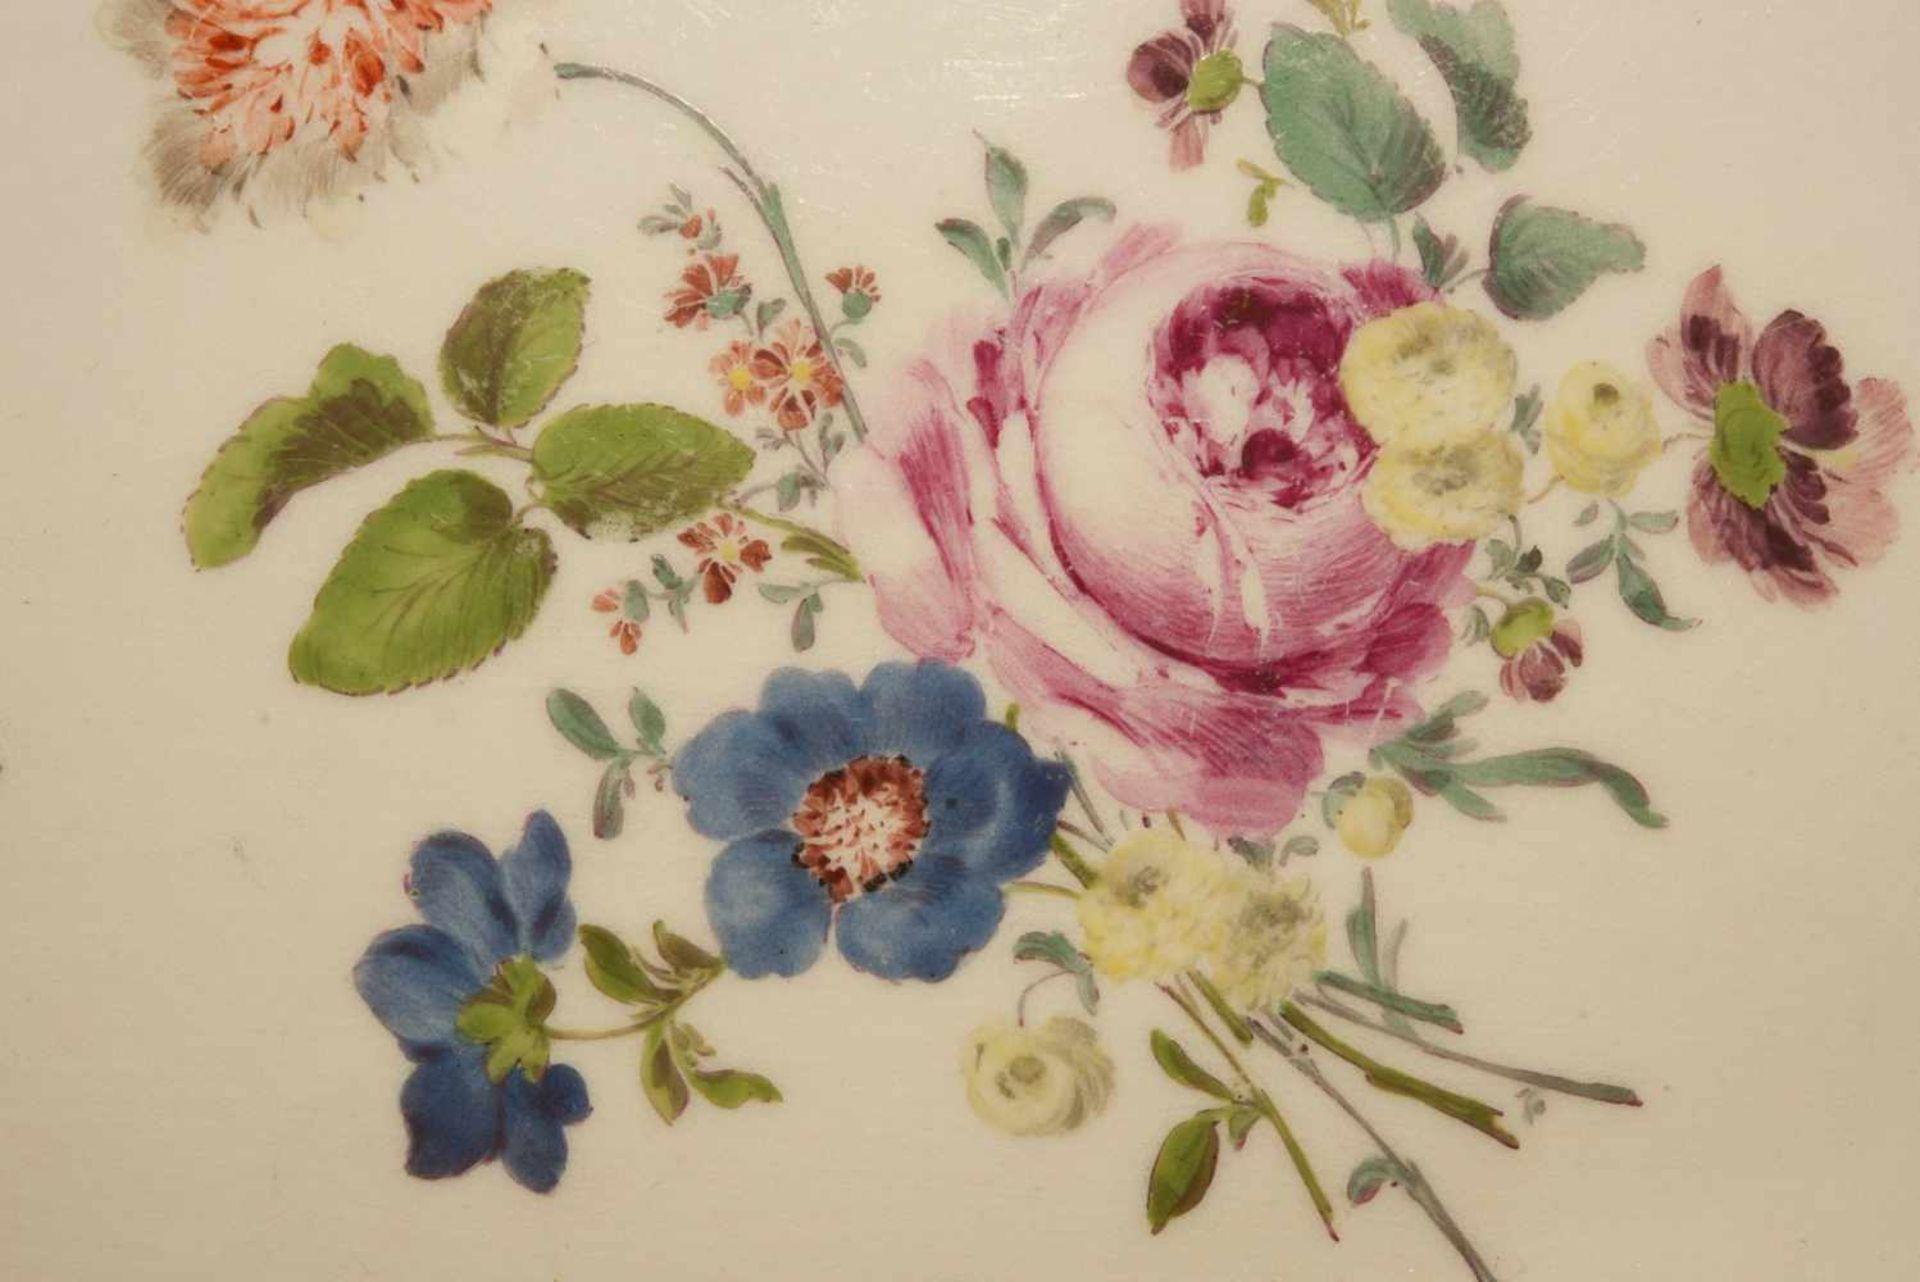 Blumenkannen auf Présentoir Meissen 1730 - Bild 6 aus 8